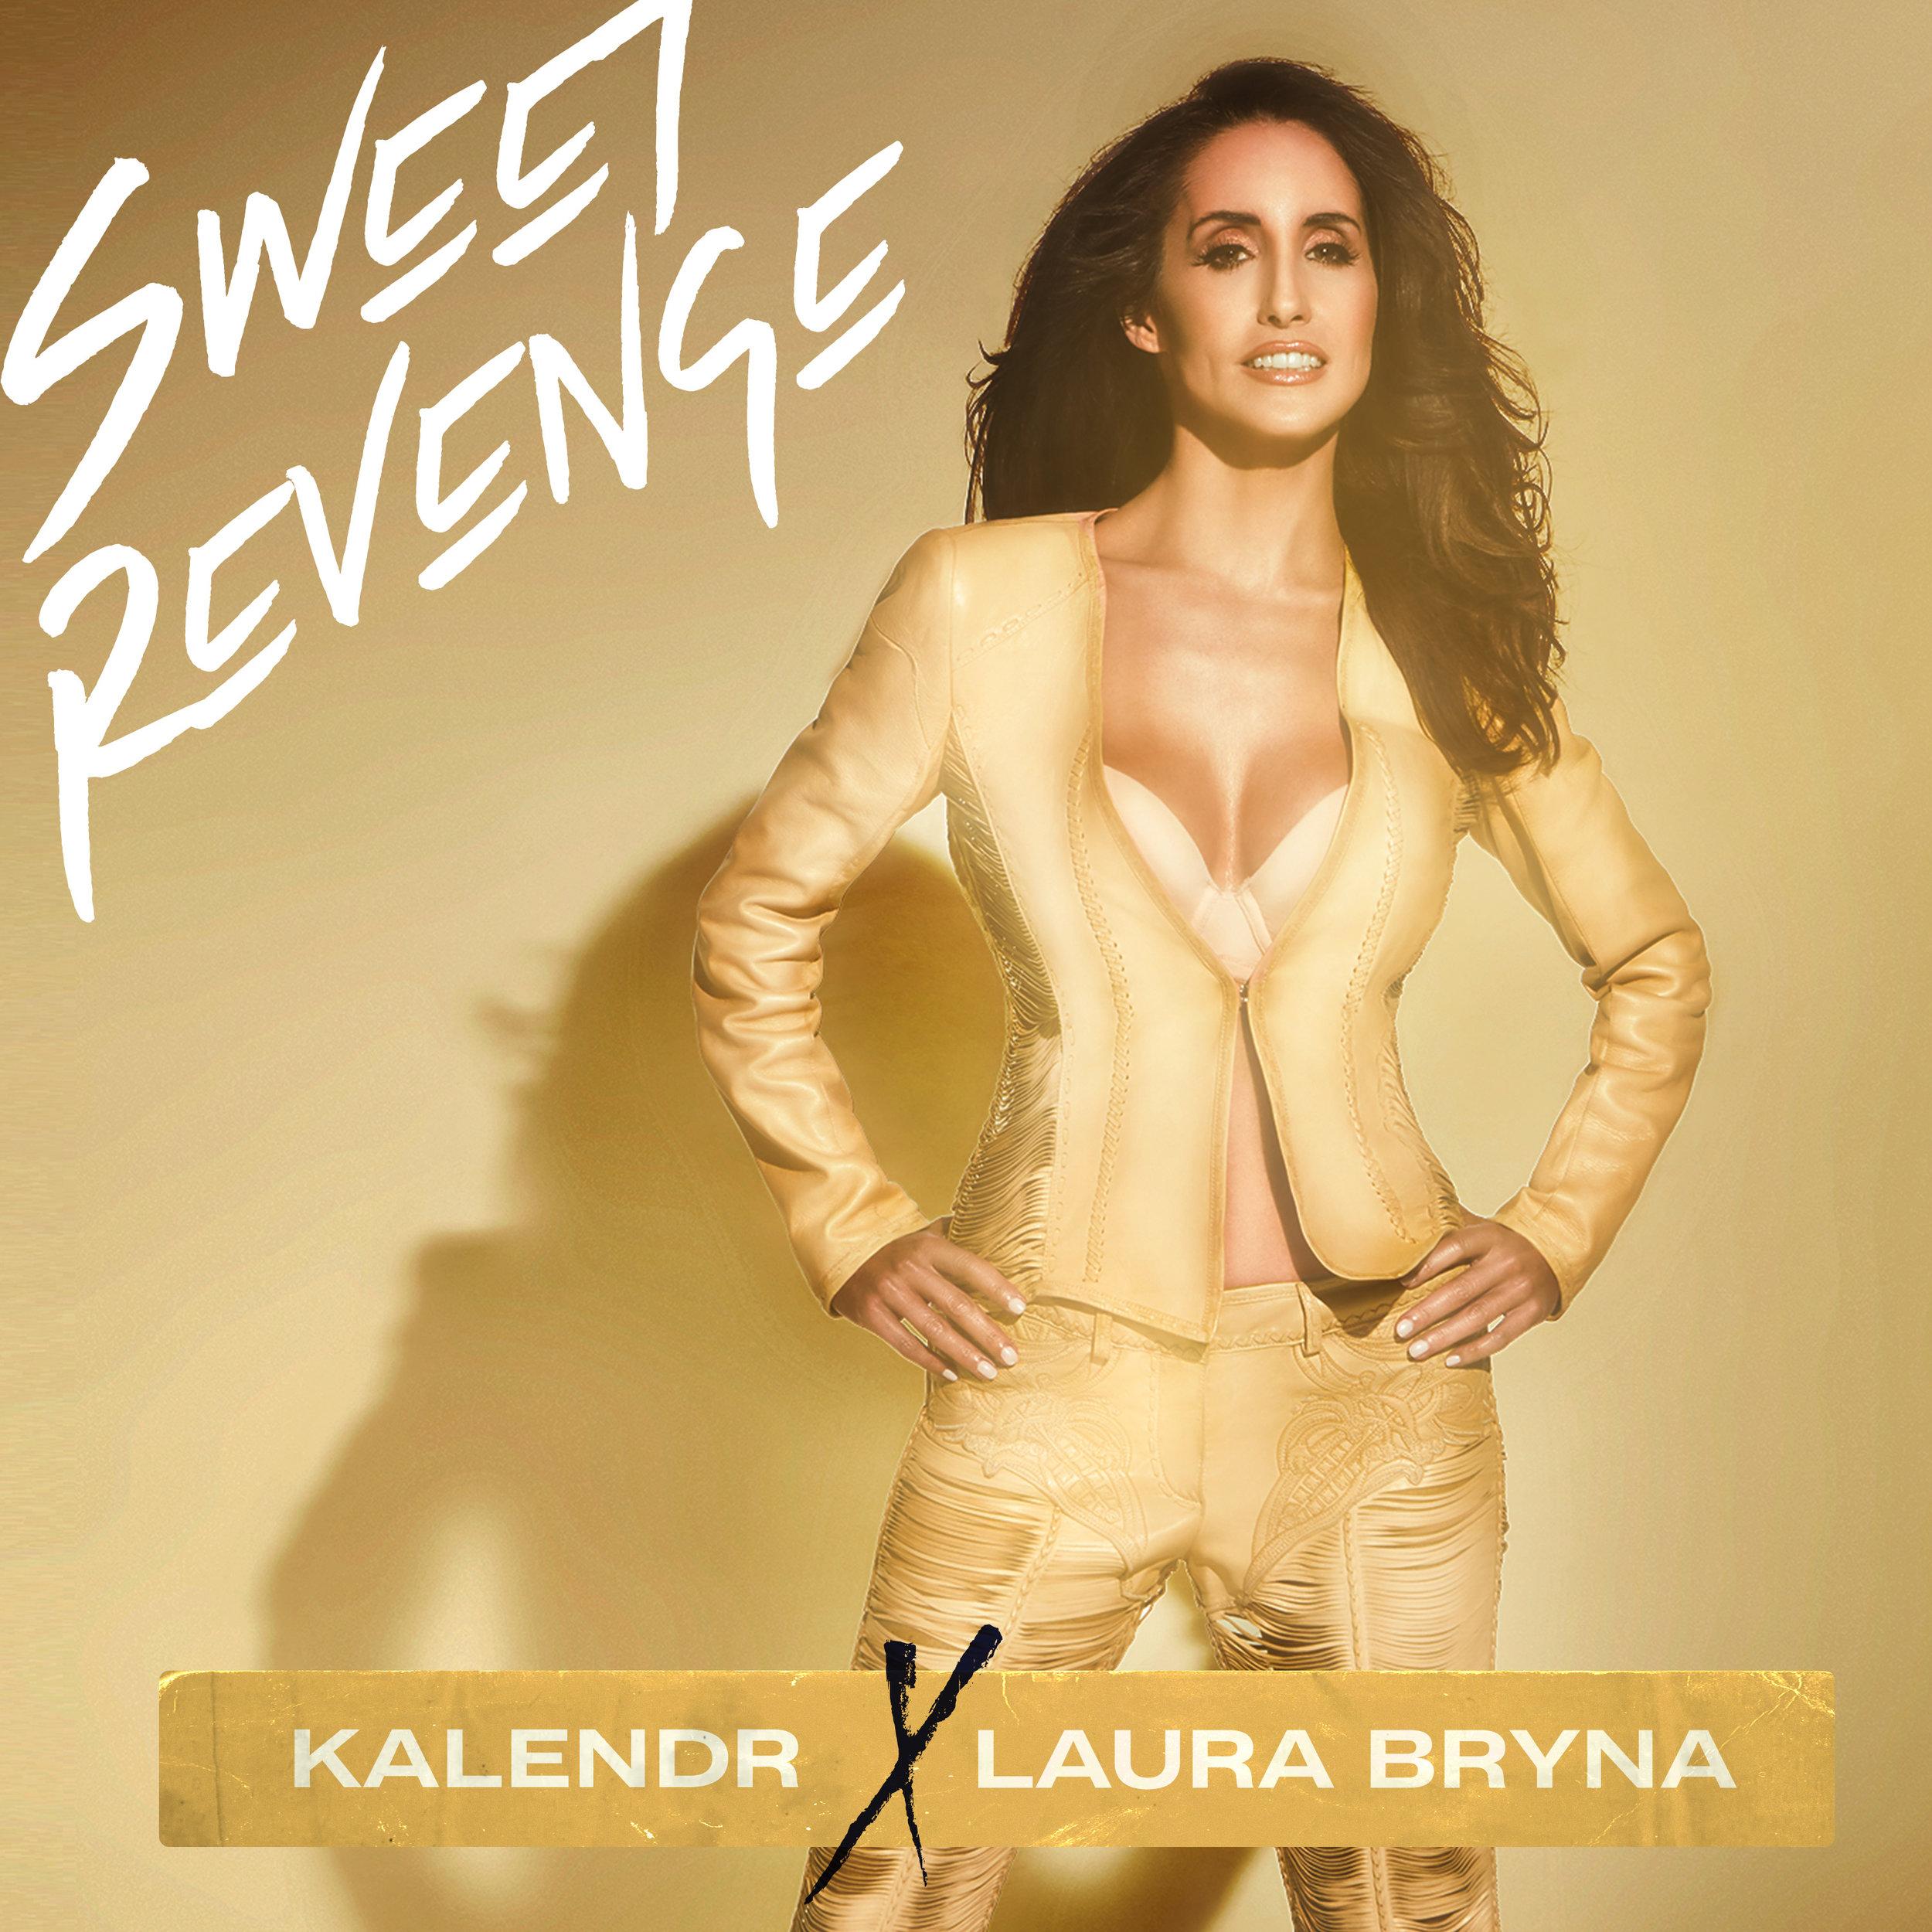 Kalendr X Laura Bryna - Sweet Revenge Album Artwork.jpg